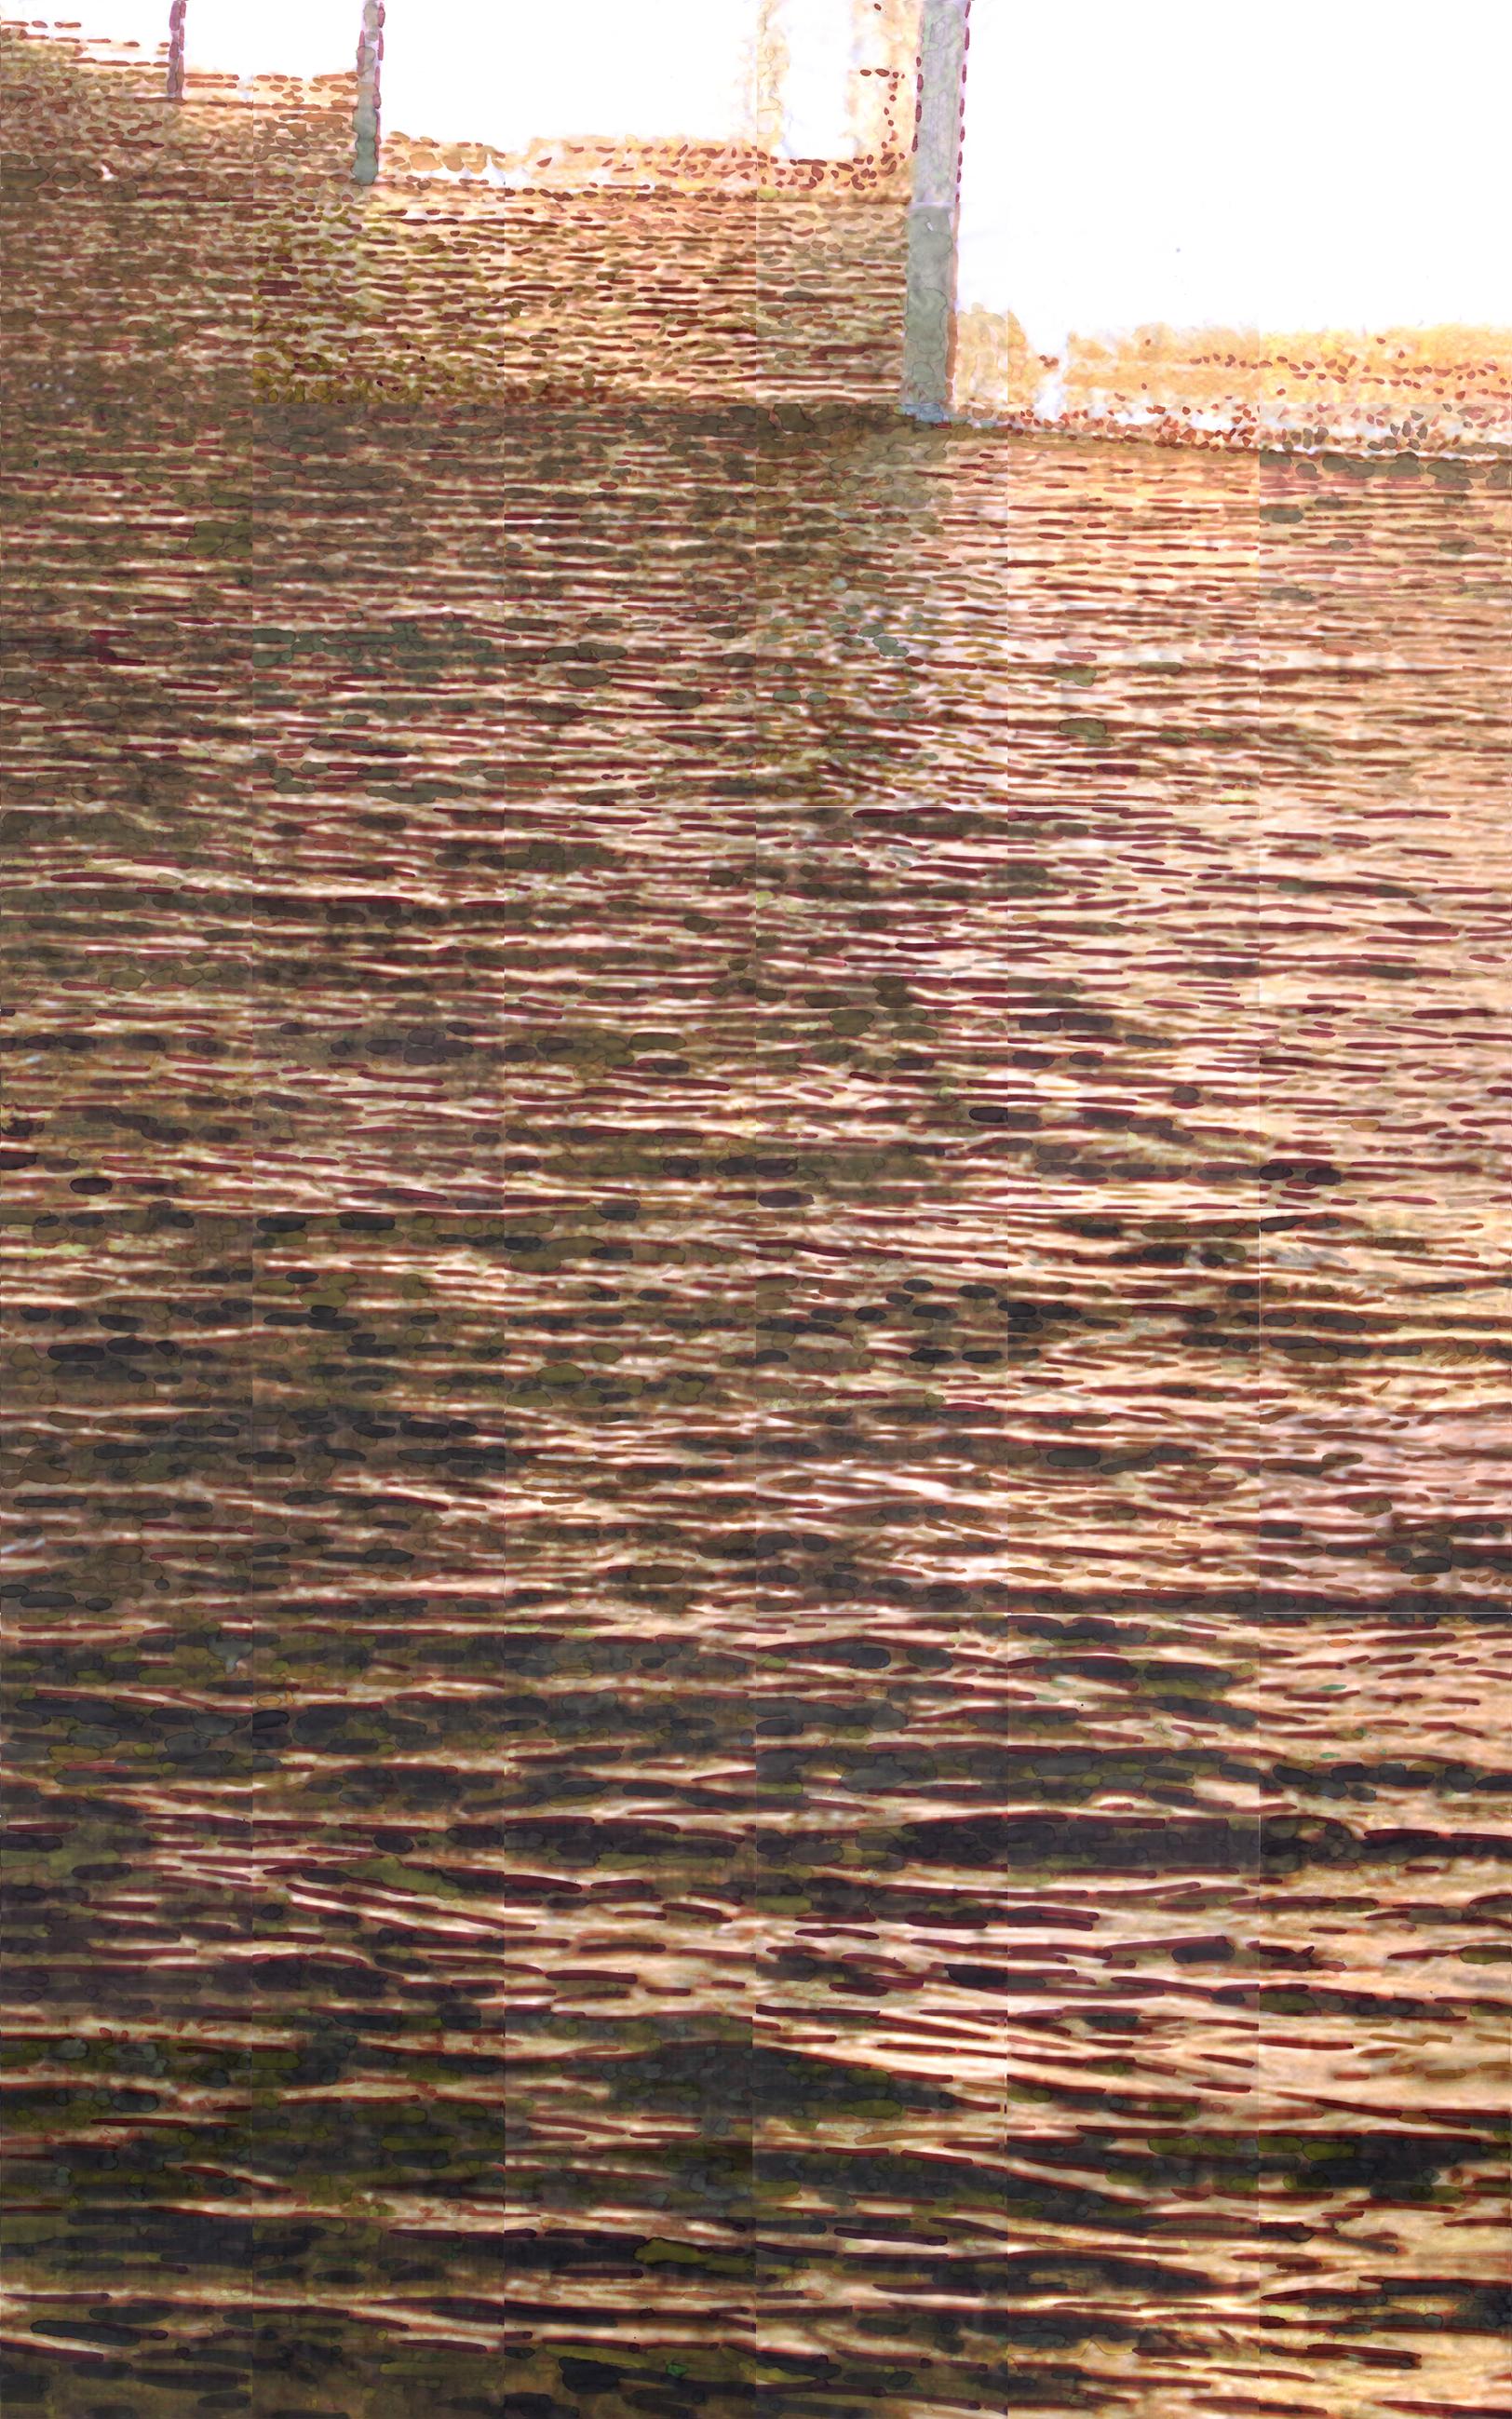 한강에 다가가다 (부분2)